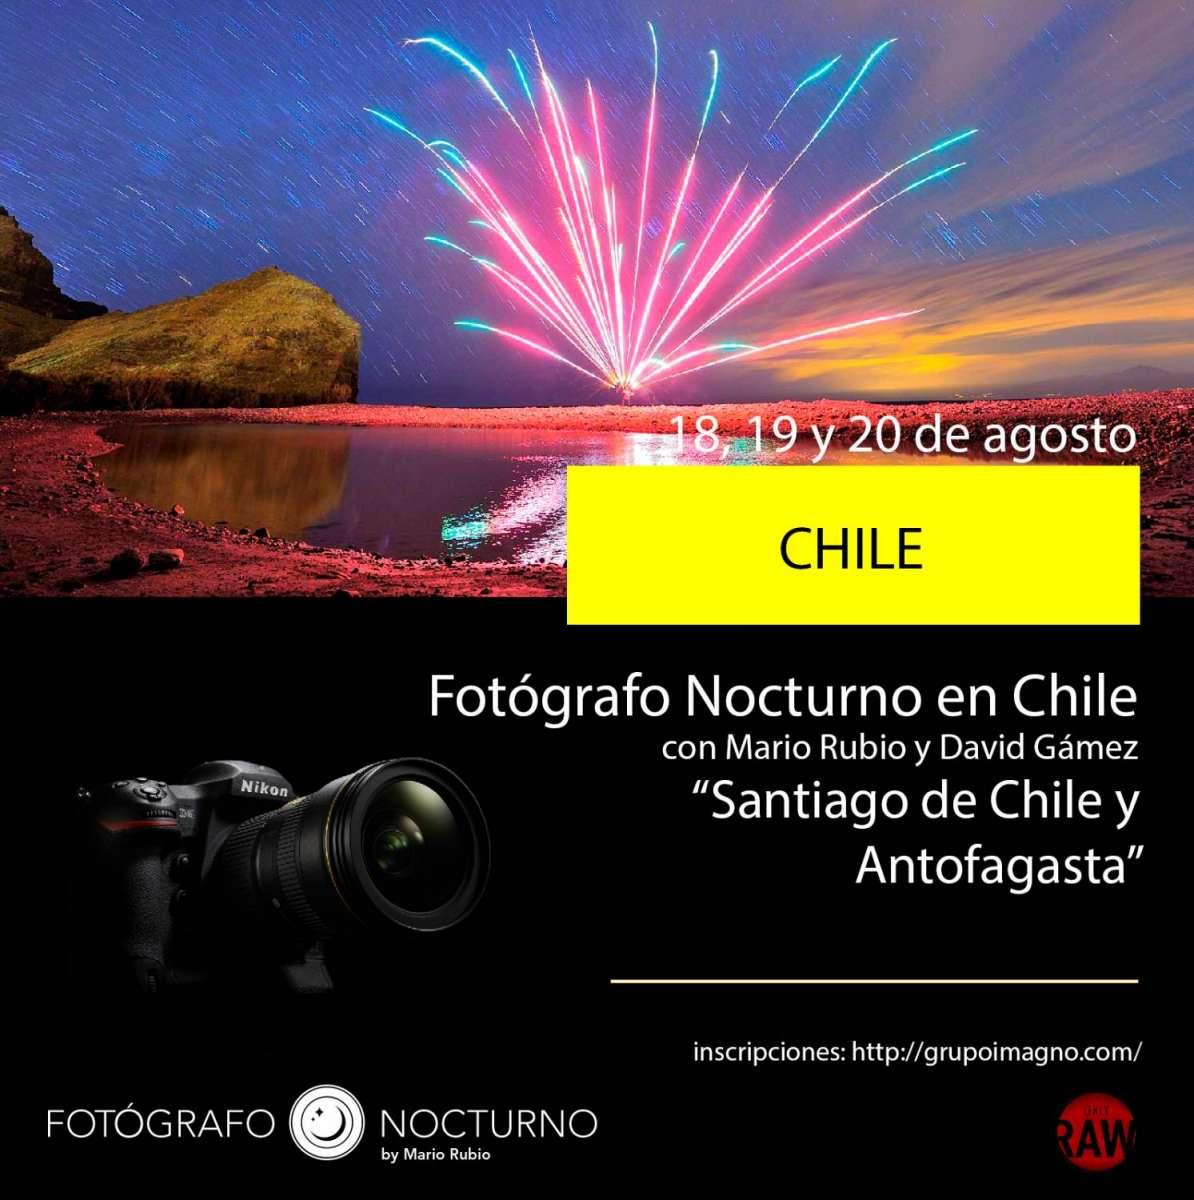 Fotógrafo Nocturno en Chile. 1